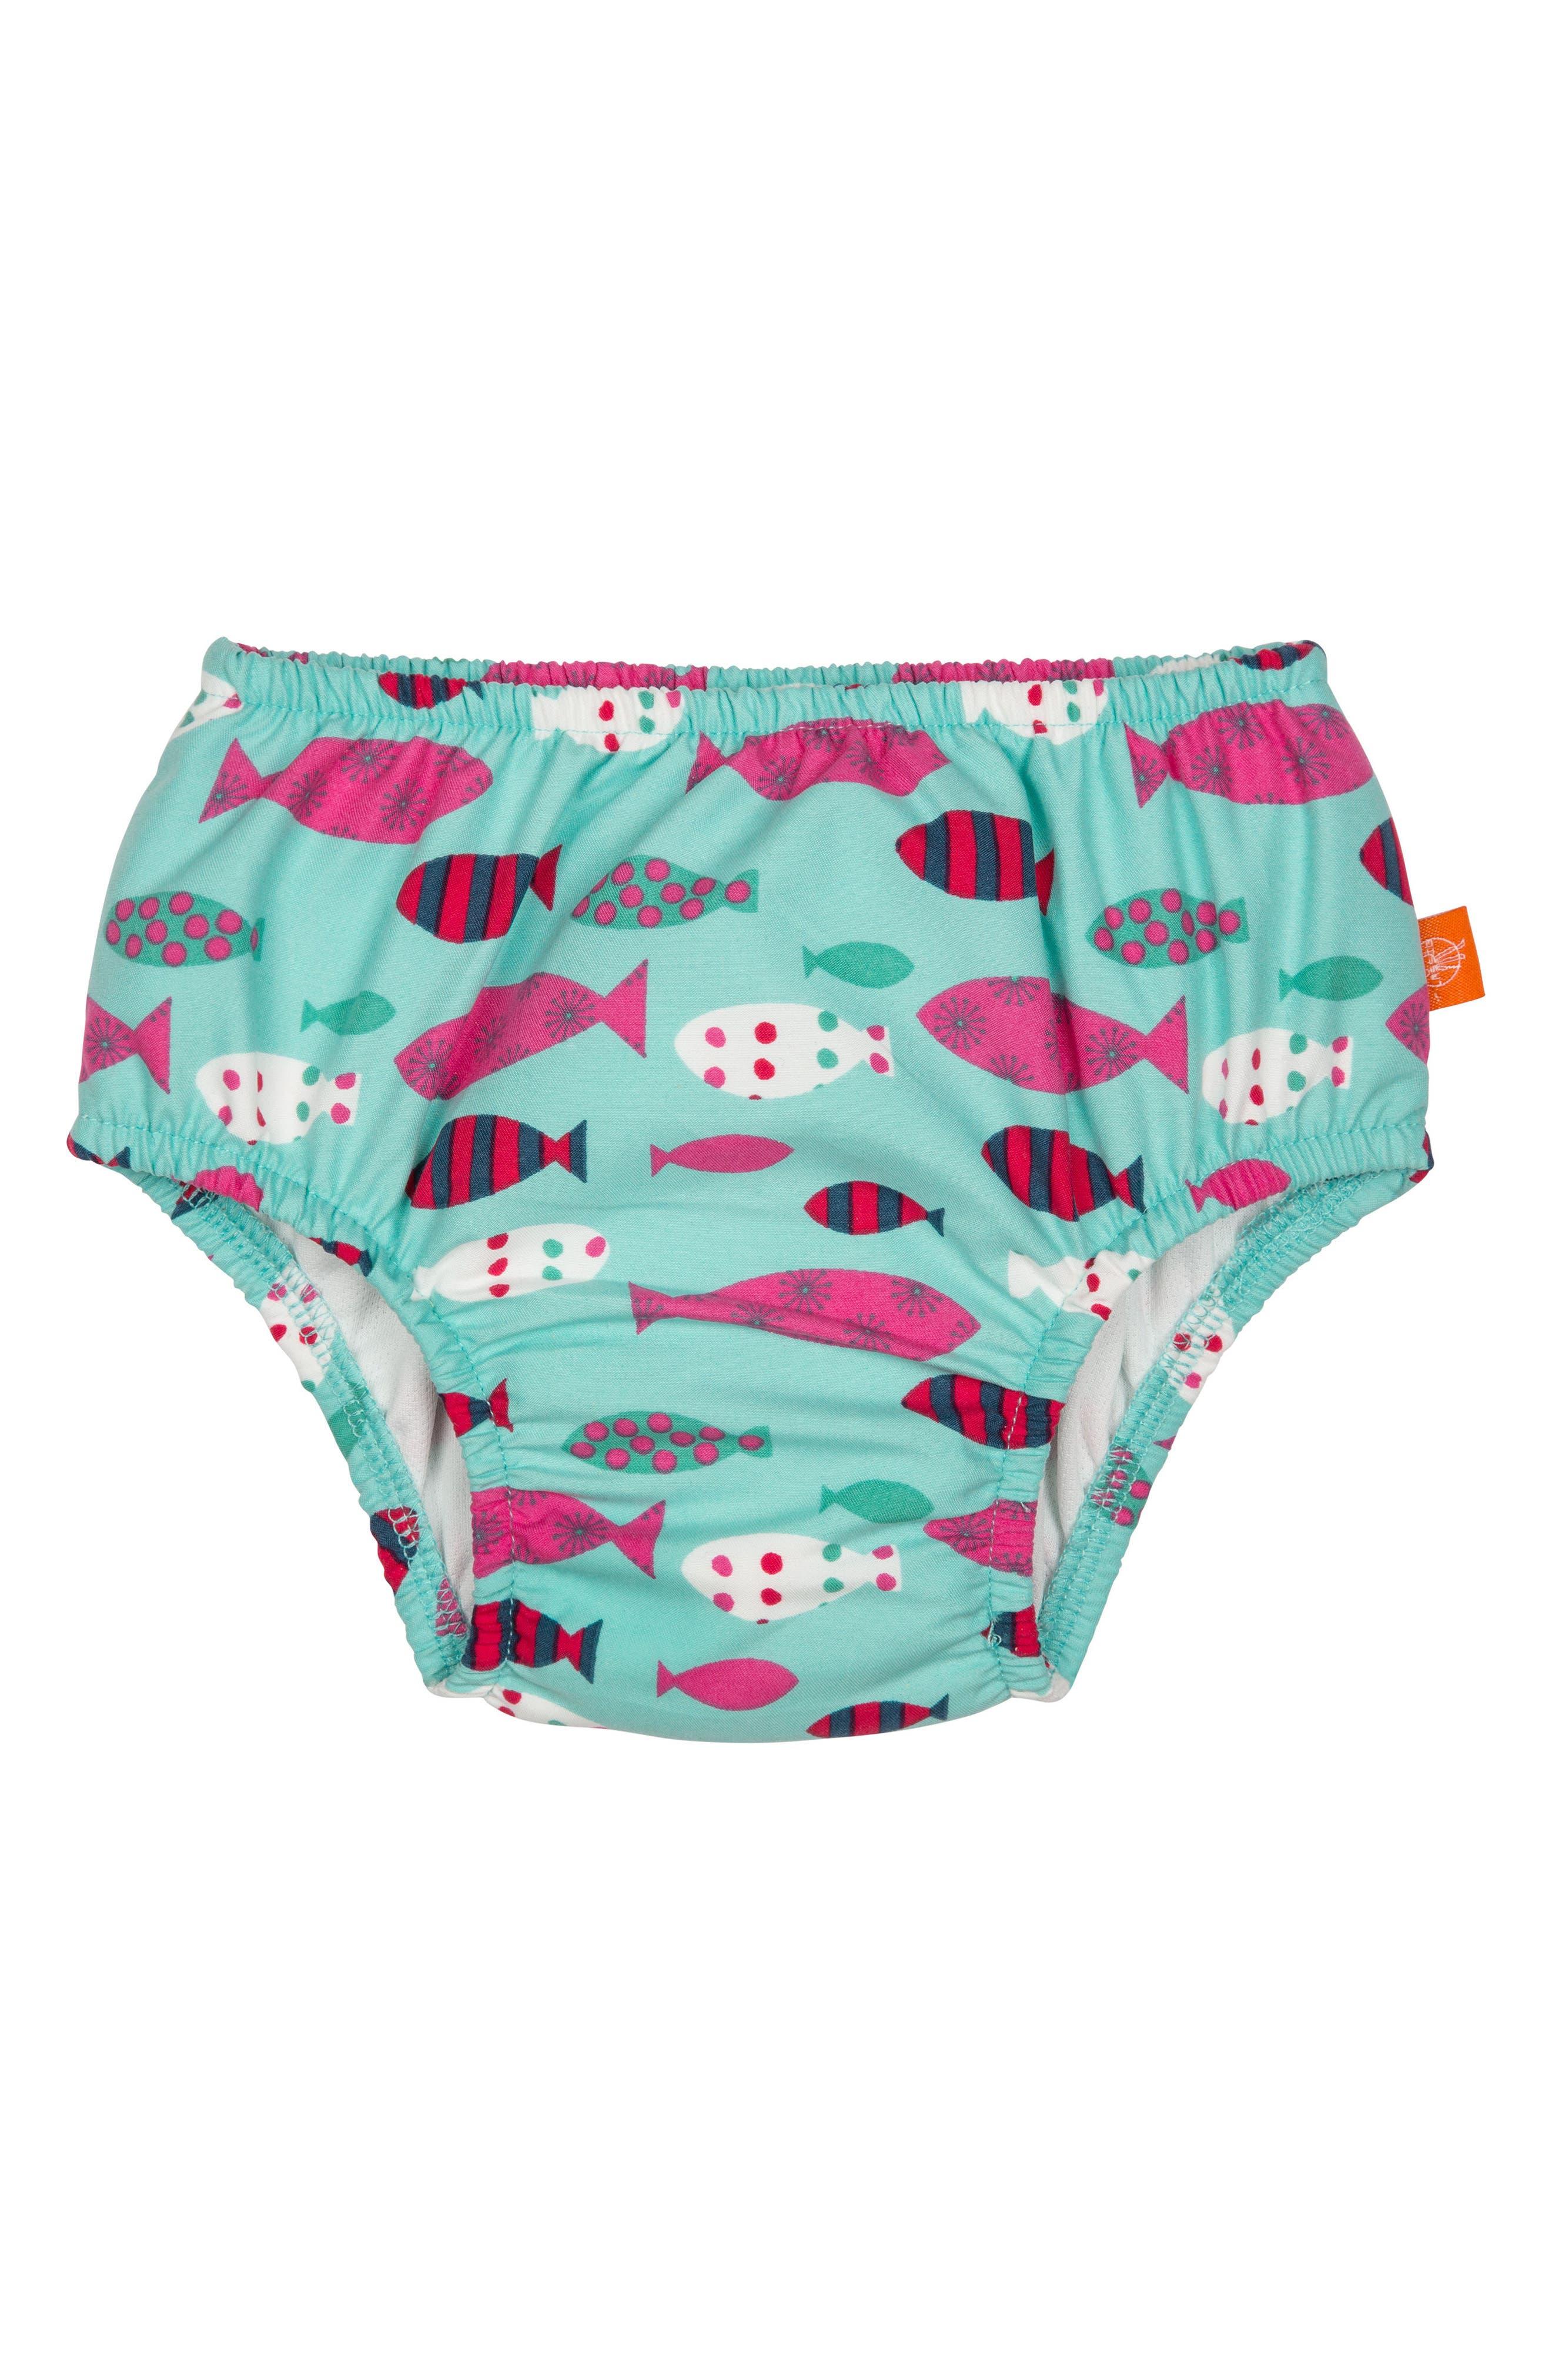 Mr. Fish Swim Diaper Cover,                             Main thumbnail 1, color,